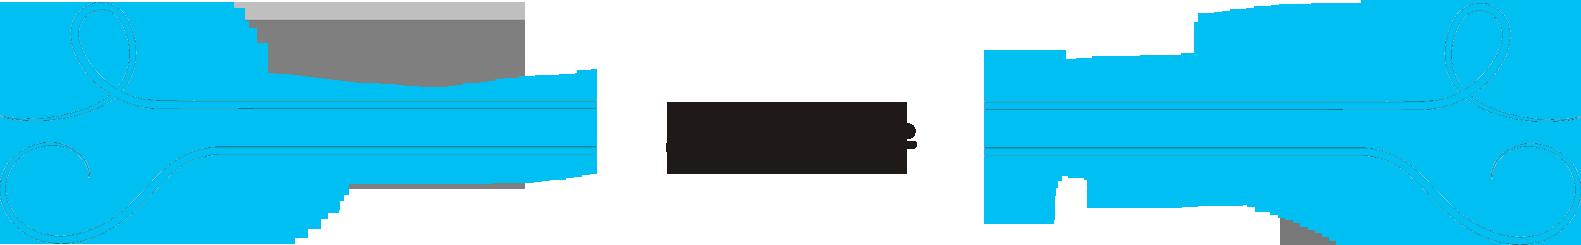 Murgese